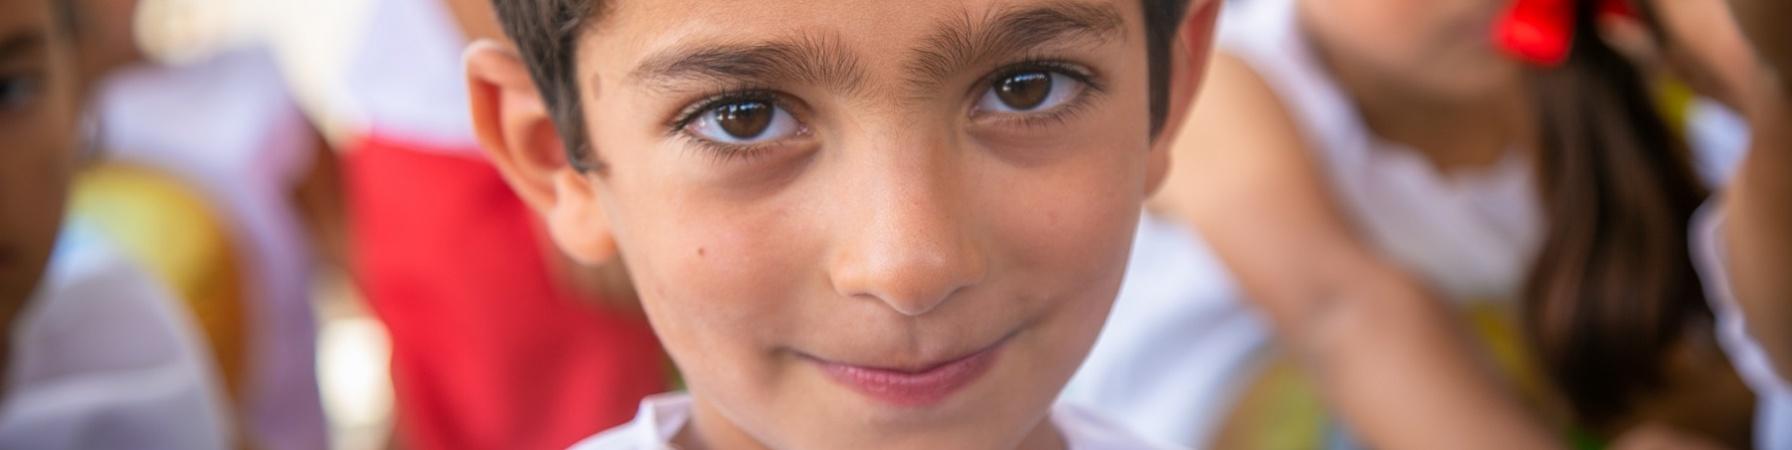 Primo piano di un bambino che guarda in camera con camicia bianca